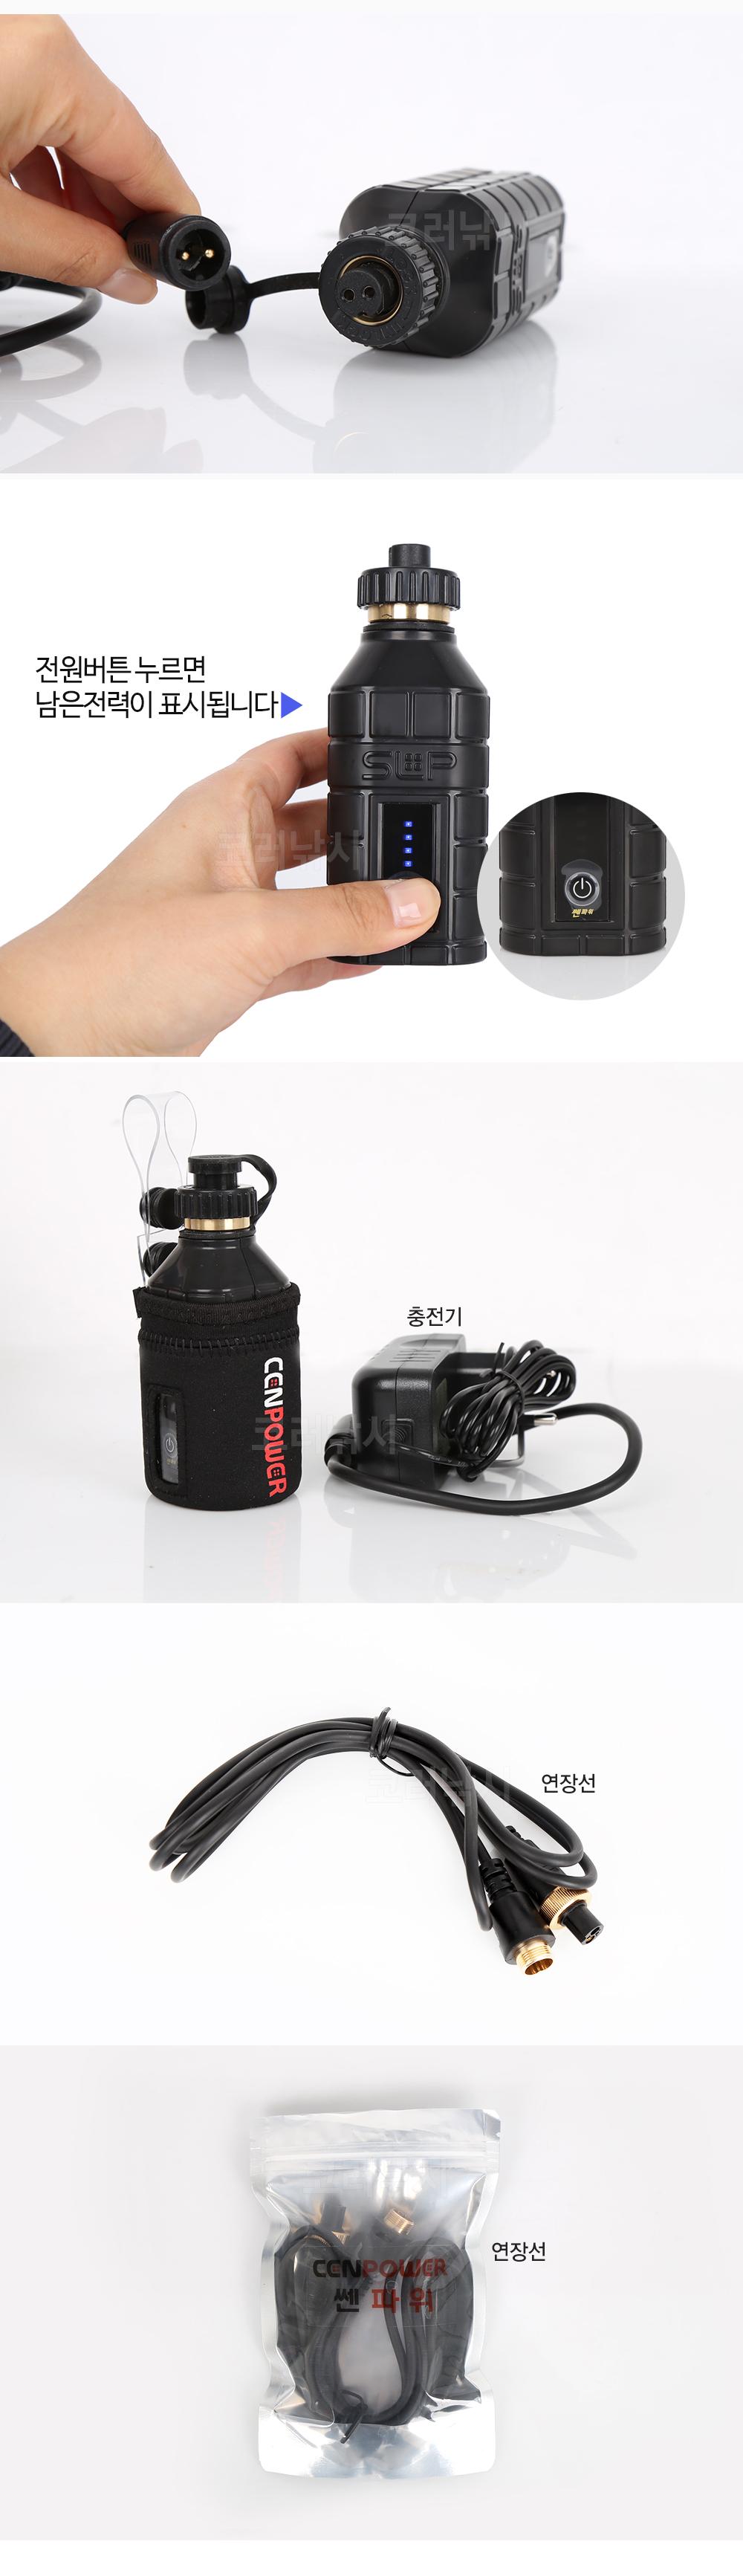 쎈파워 수류탄 배터리 세트 SLP-ER03000 삼성SDI 사용 MADE IN KOREA 전동릴배터리 전동릴 수류탄베터리 배터리 베터리 밧데리 전동릴밧데리  갈치